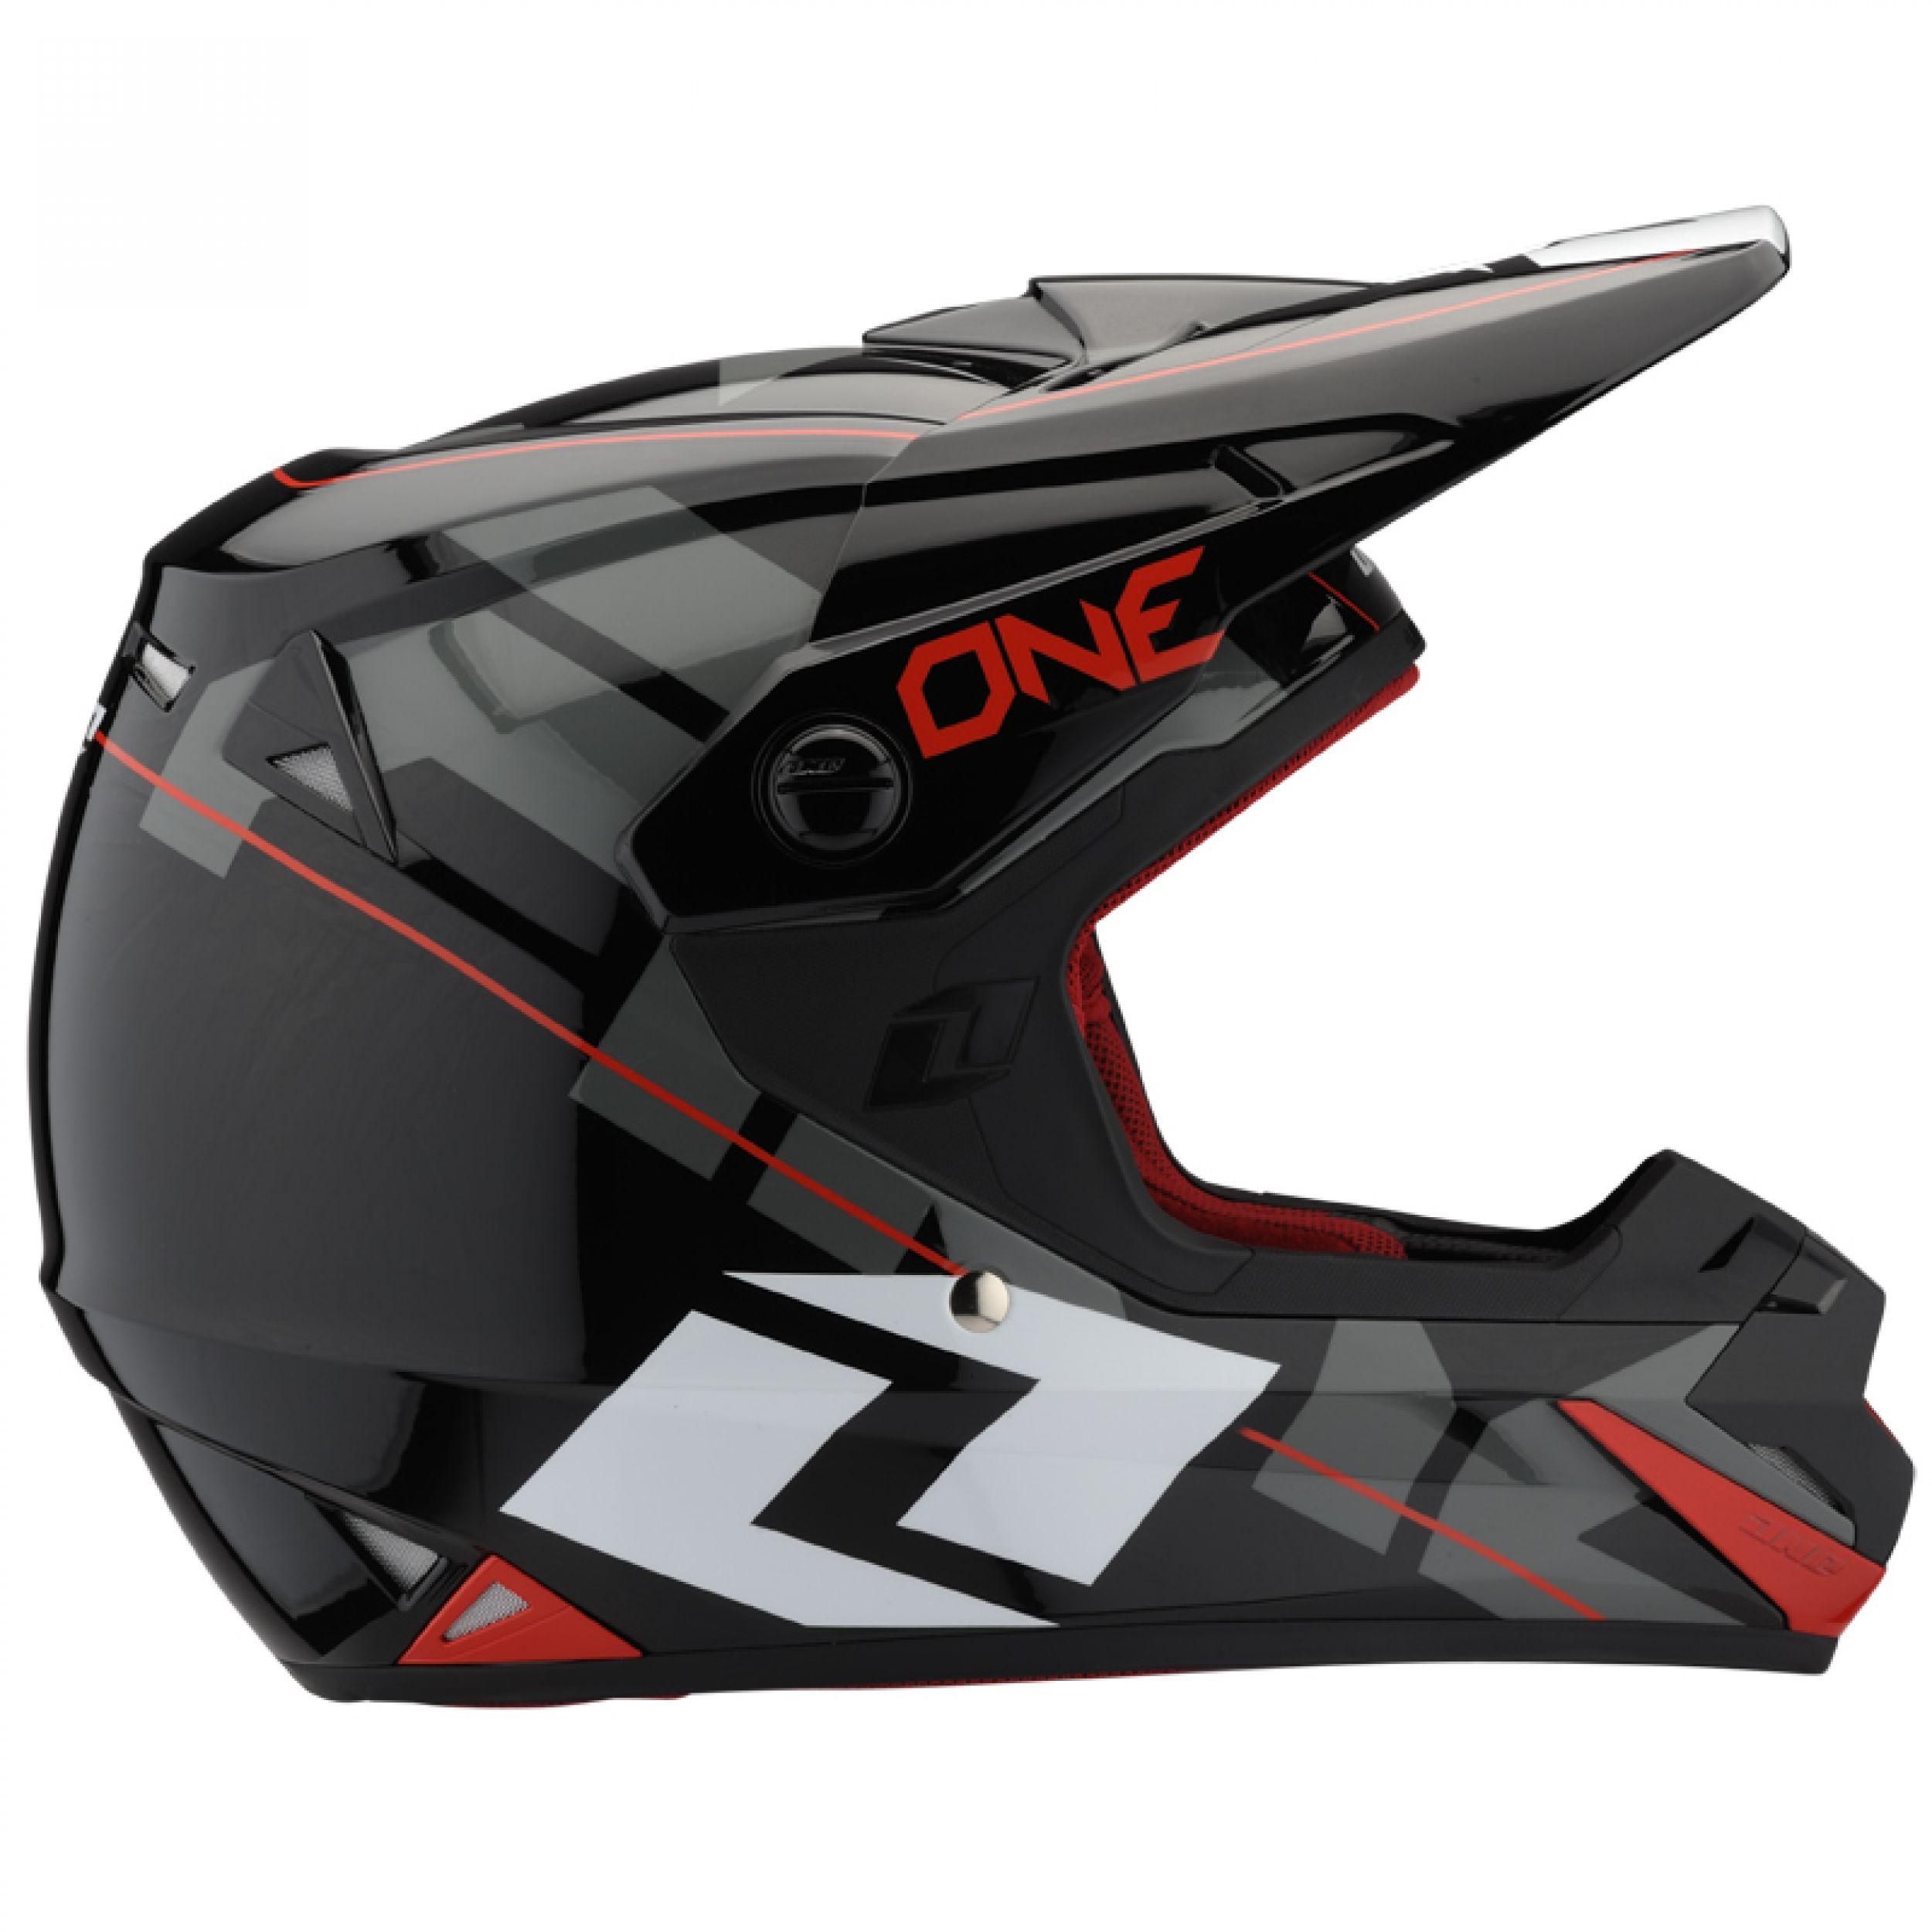 One-Industries-Atom-Cypher-Motocross-Helmet-2.jpg